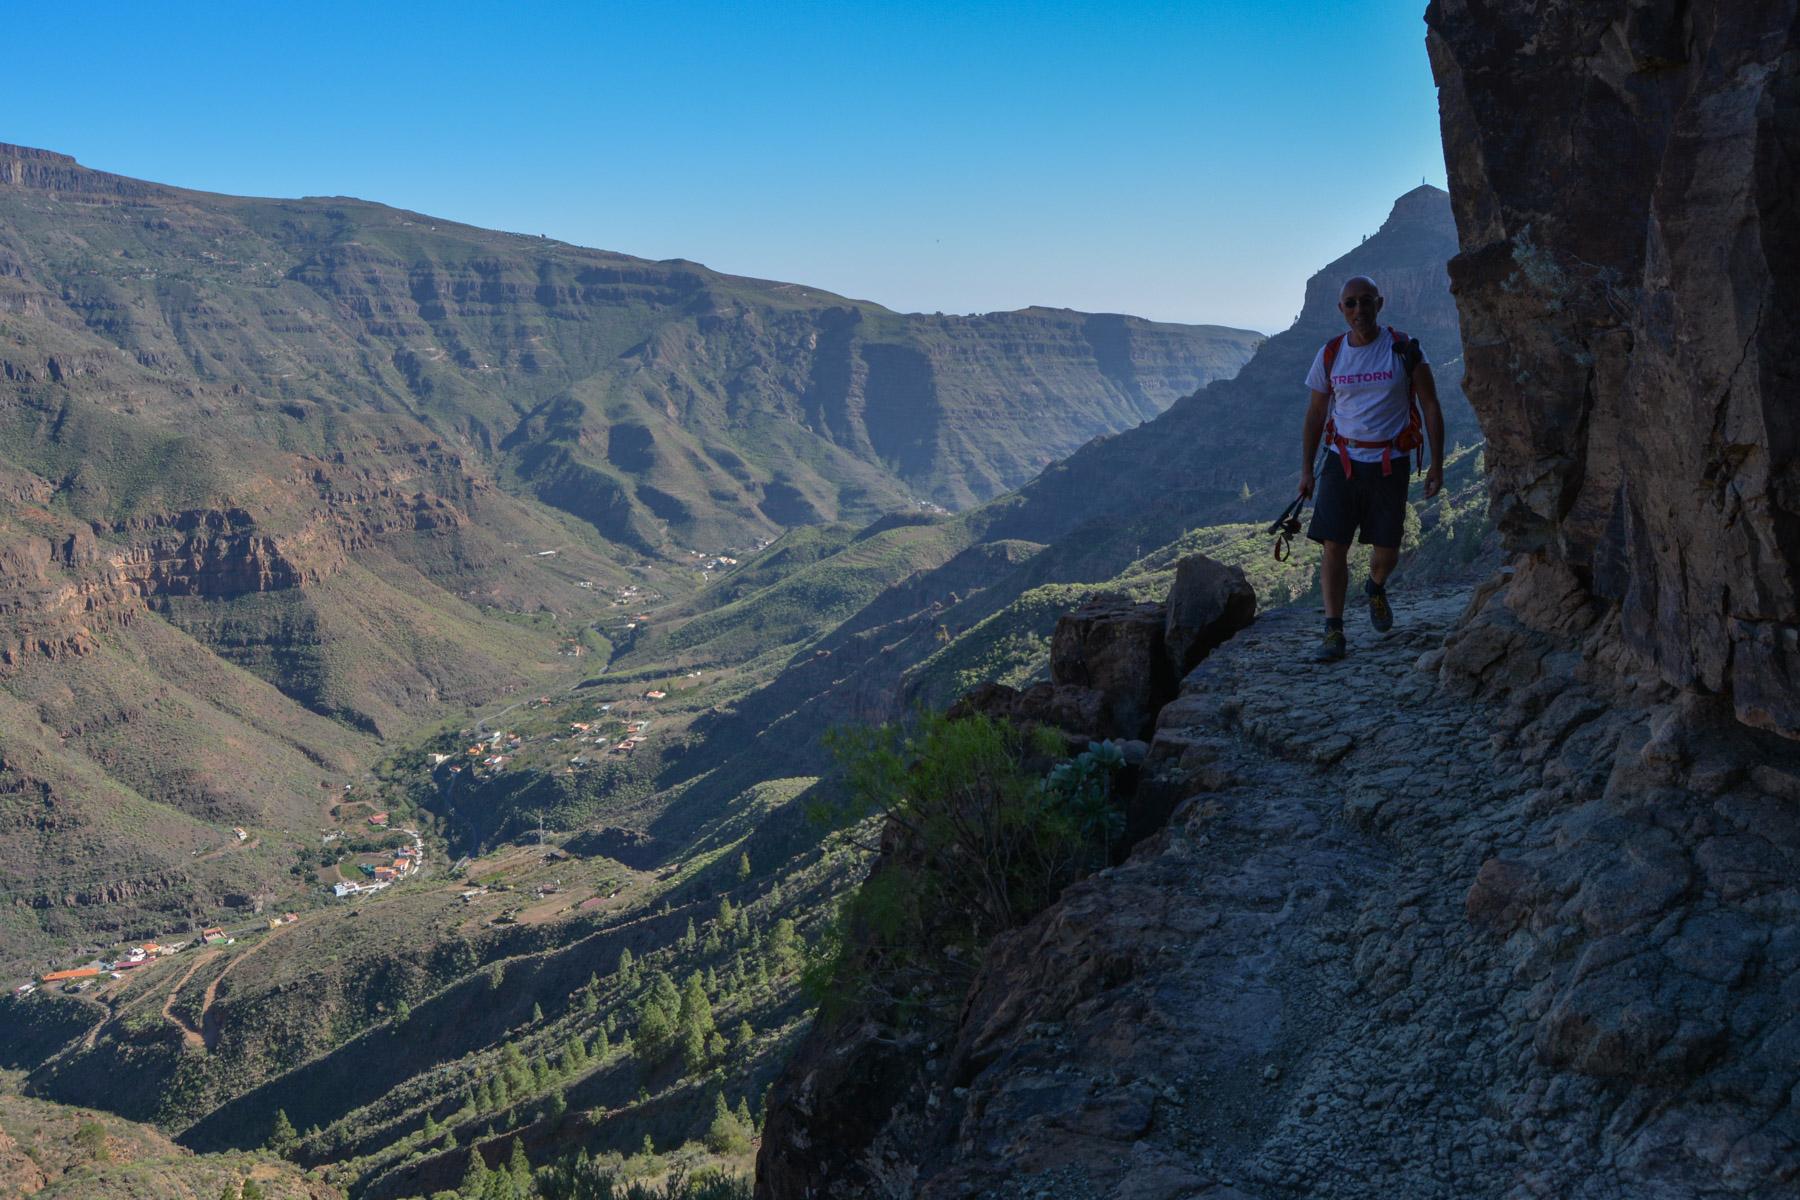 Montaña de Tauro, Gran Canaria, Espagne 43